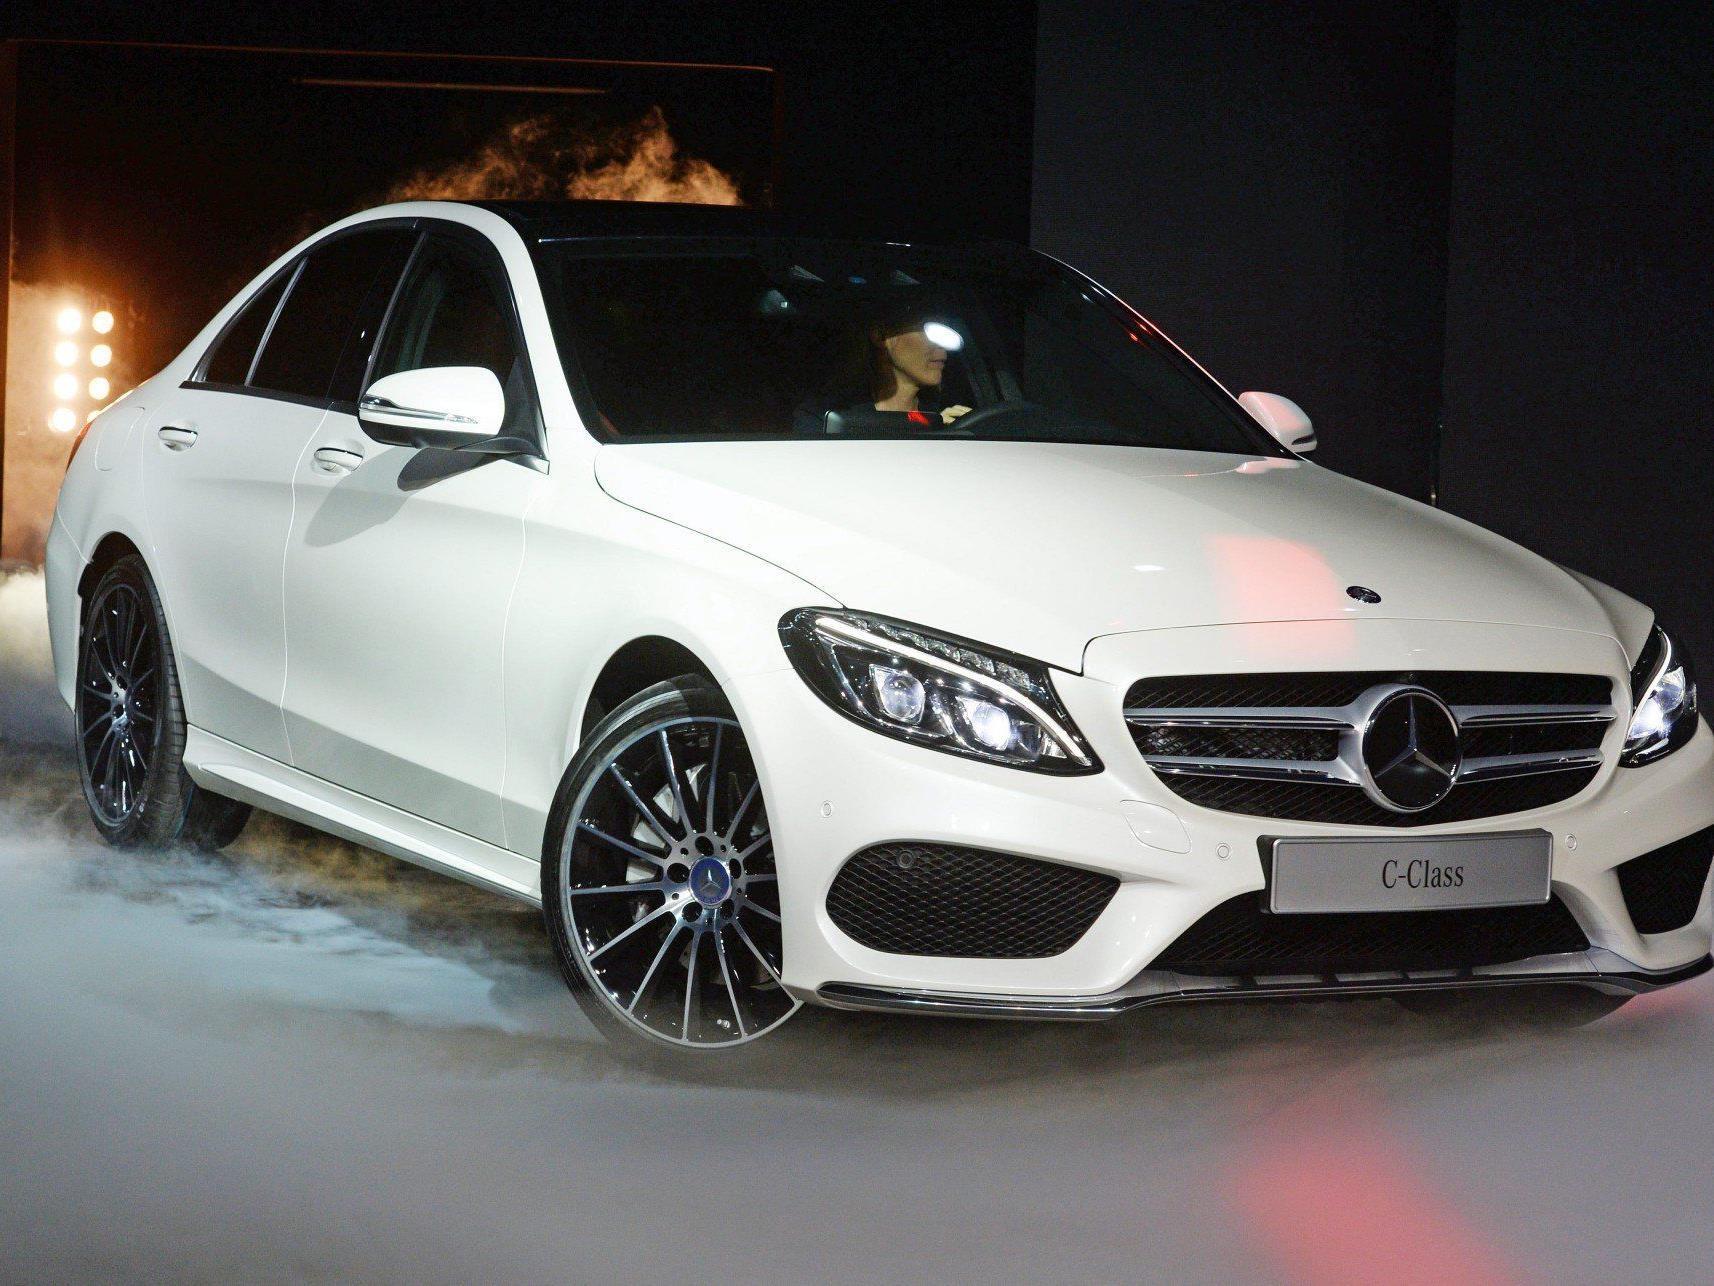 Auf der Auto Show Detroit präsentieren Autohersteller die neuesten Modelle.